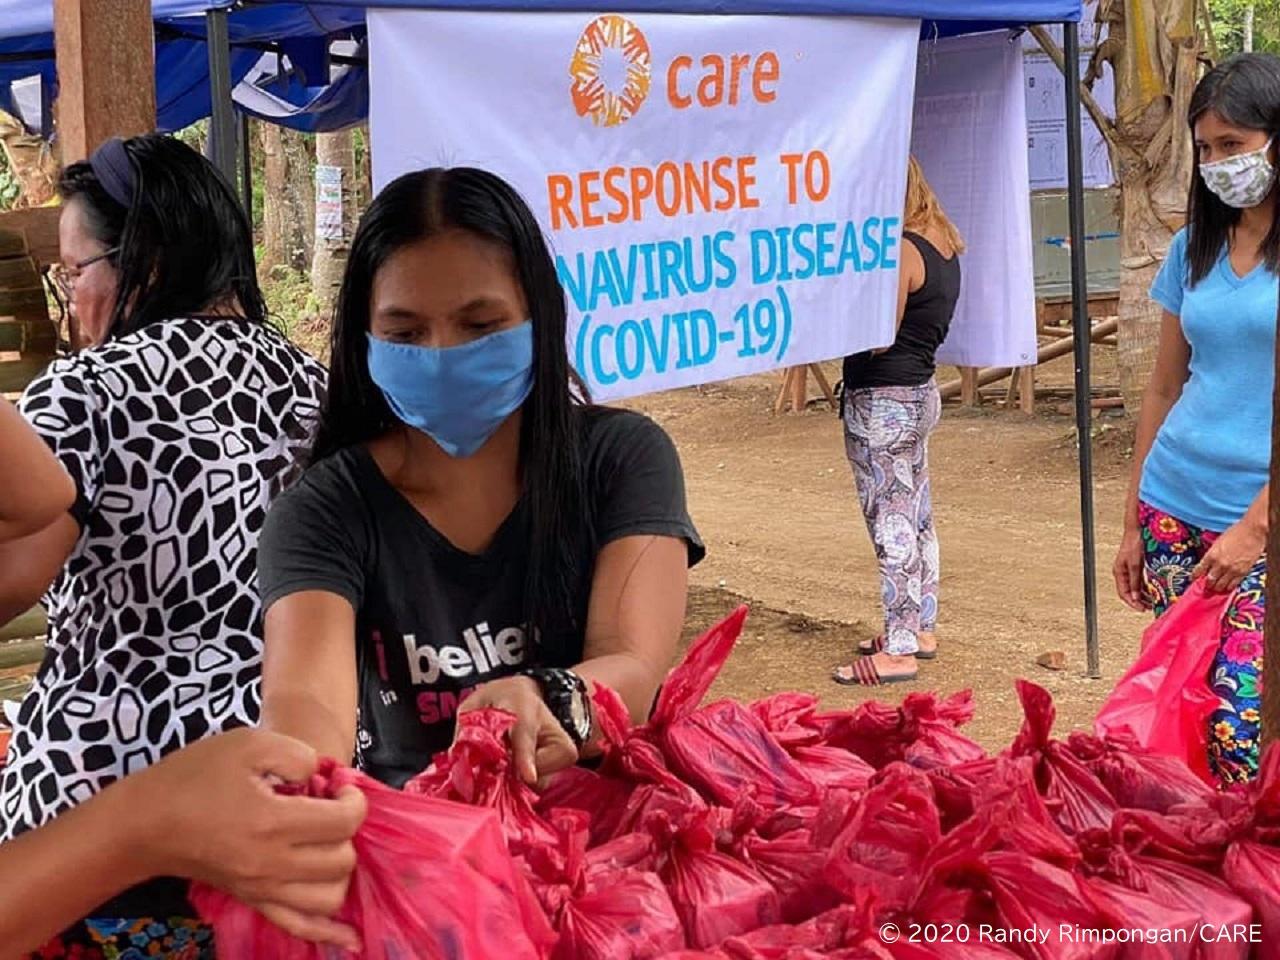 フィリピン、ミンダナオ島で、石けん等を含む衛生キットを配布